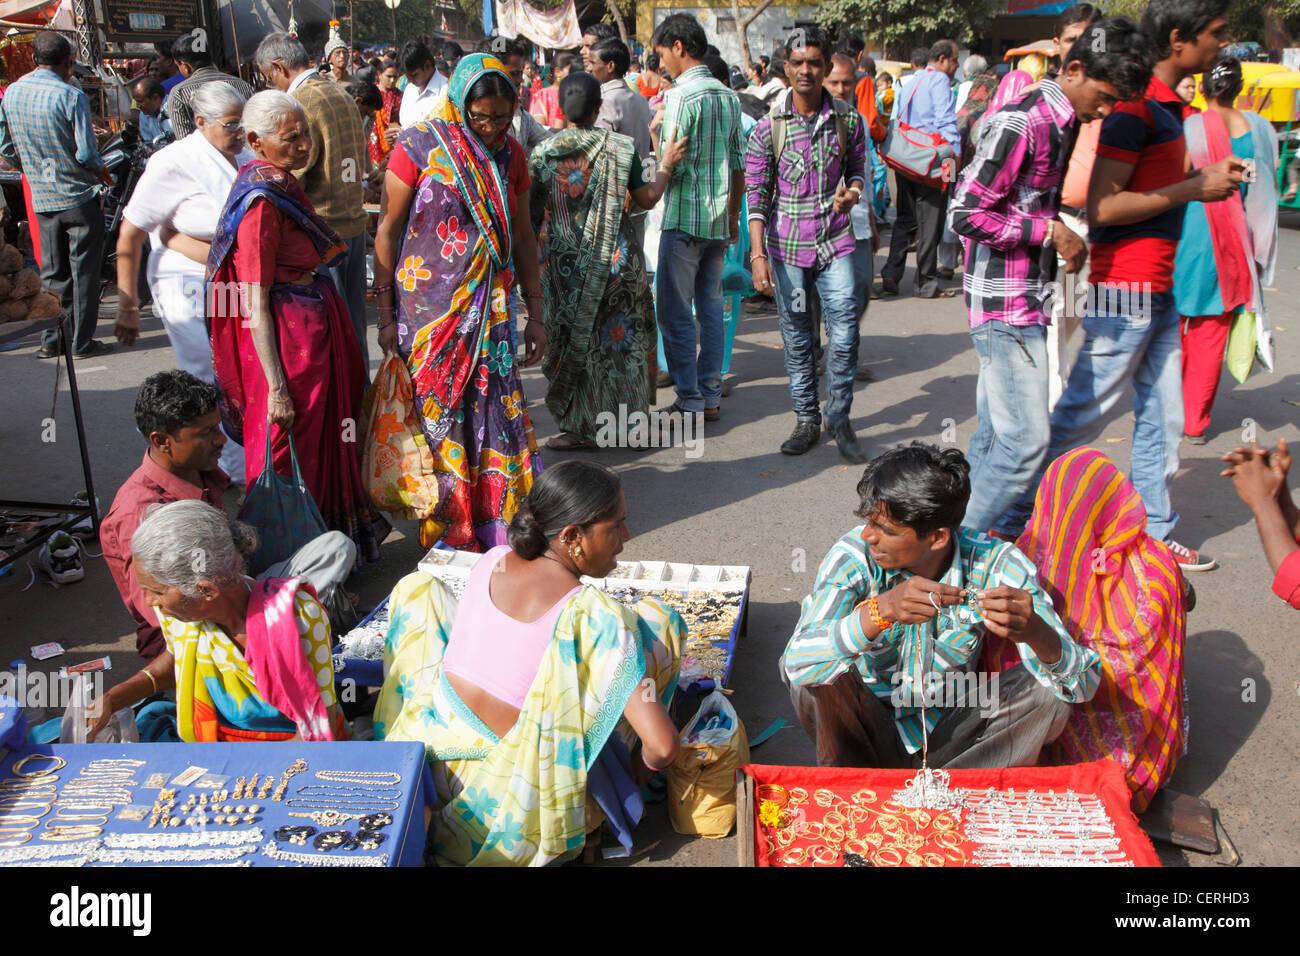 India, Gujarat, Ahmedabad, people, street vendors, - Stock Image